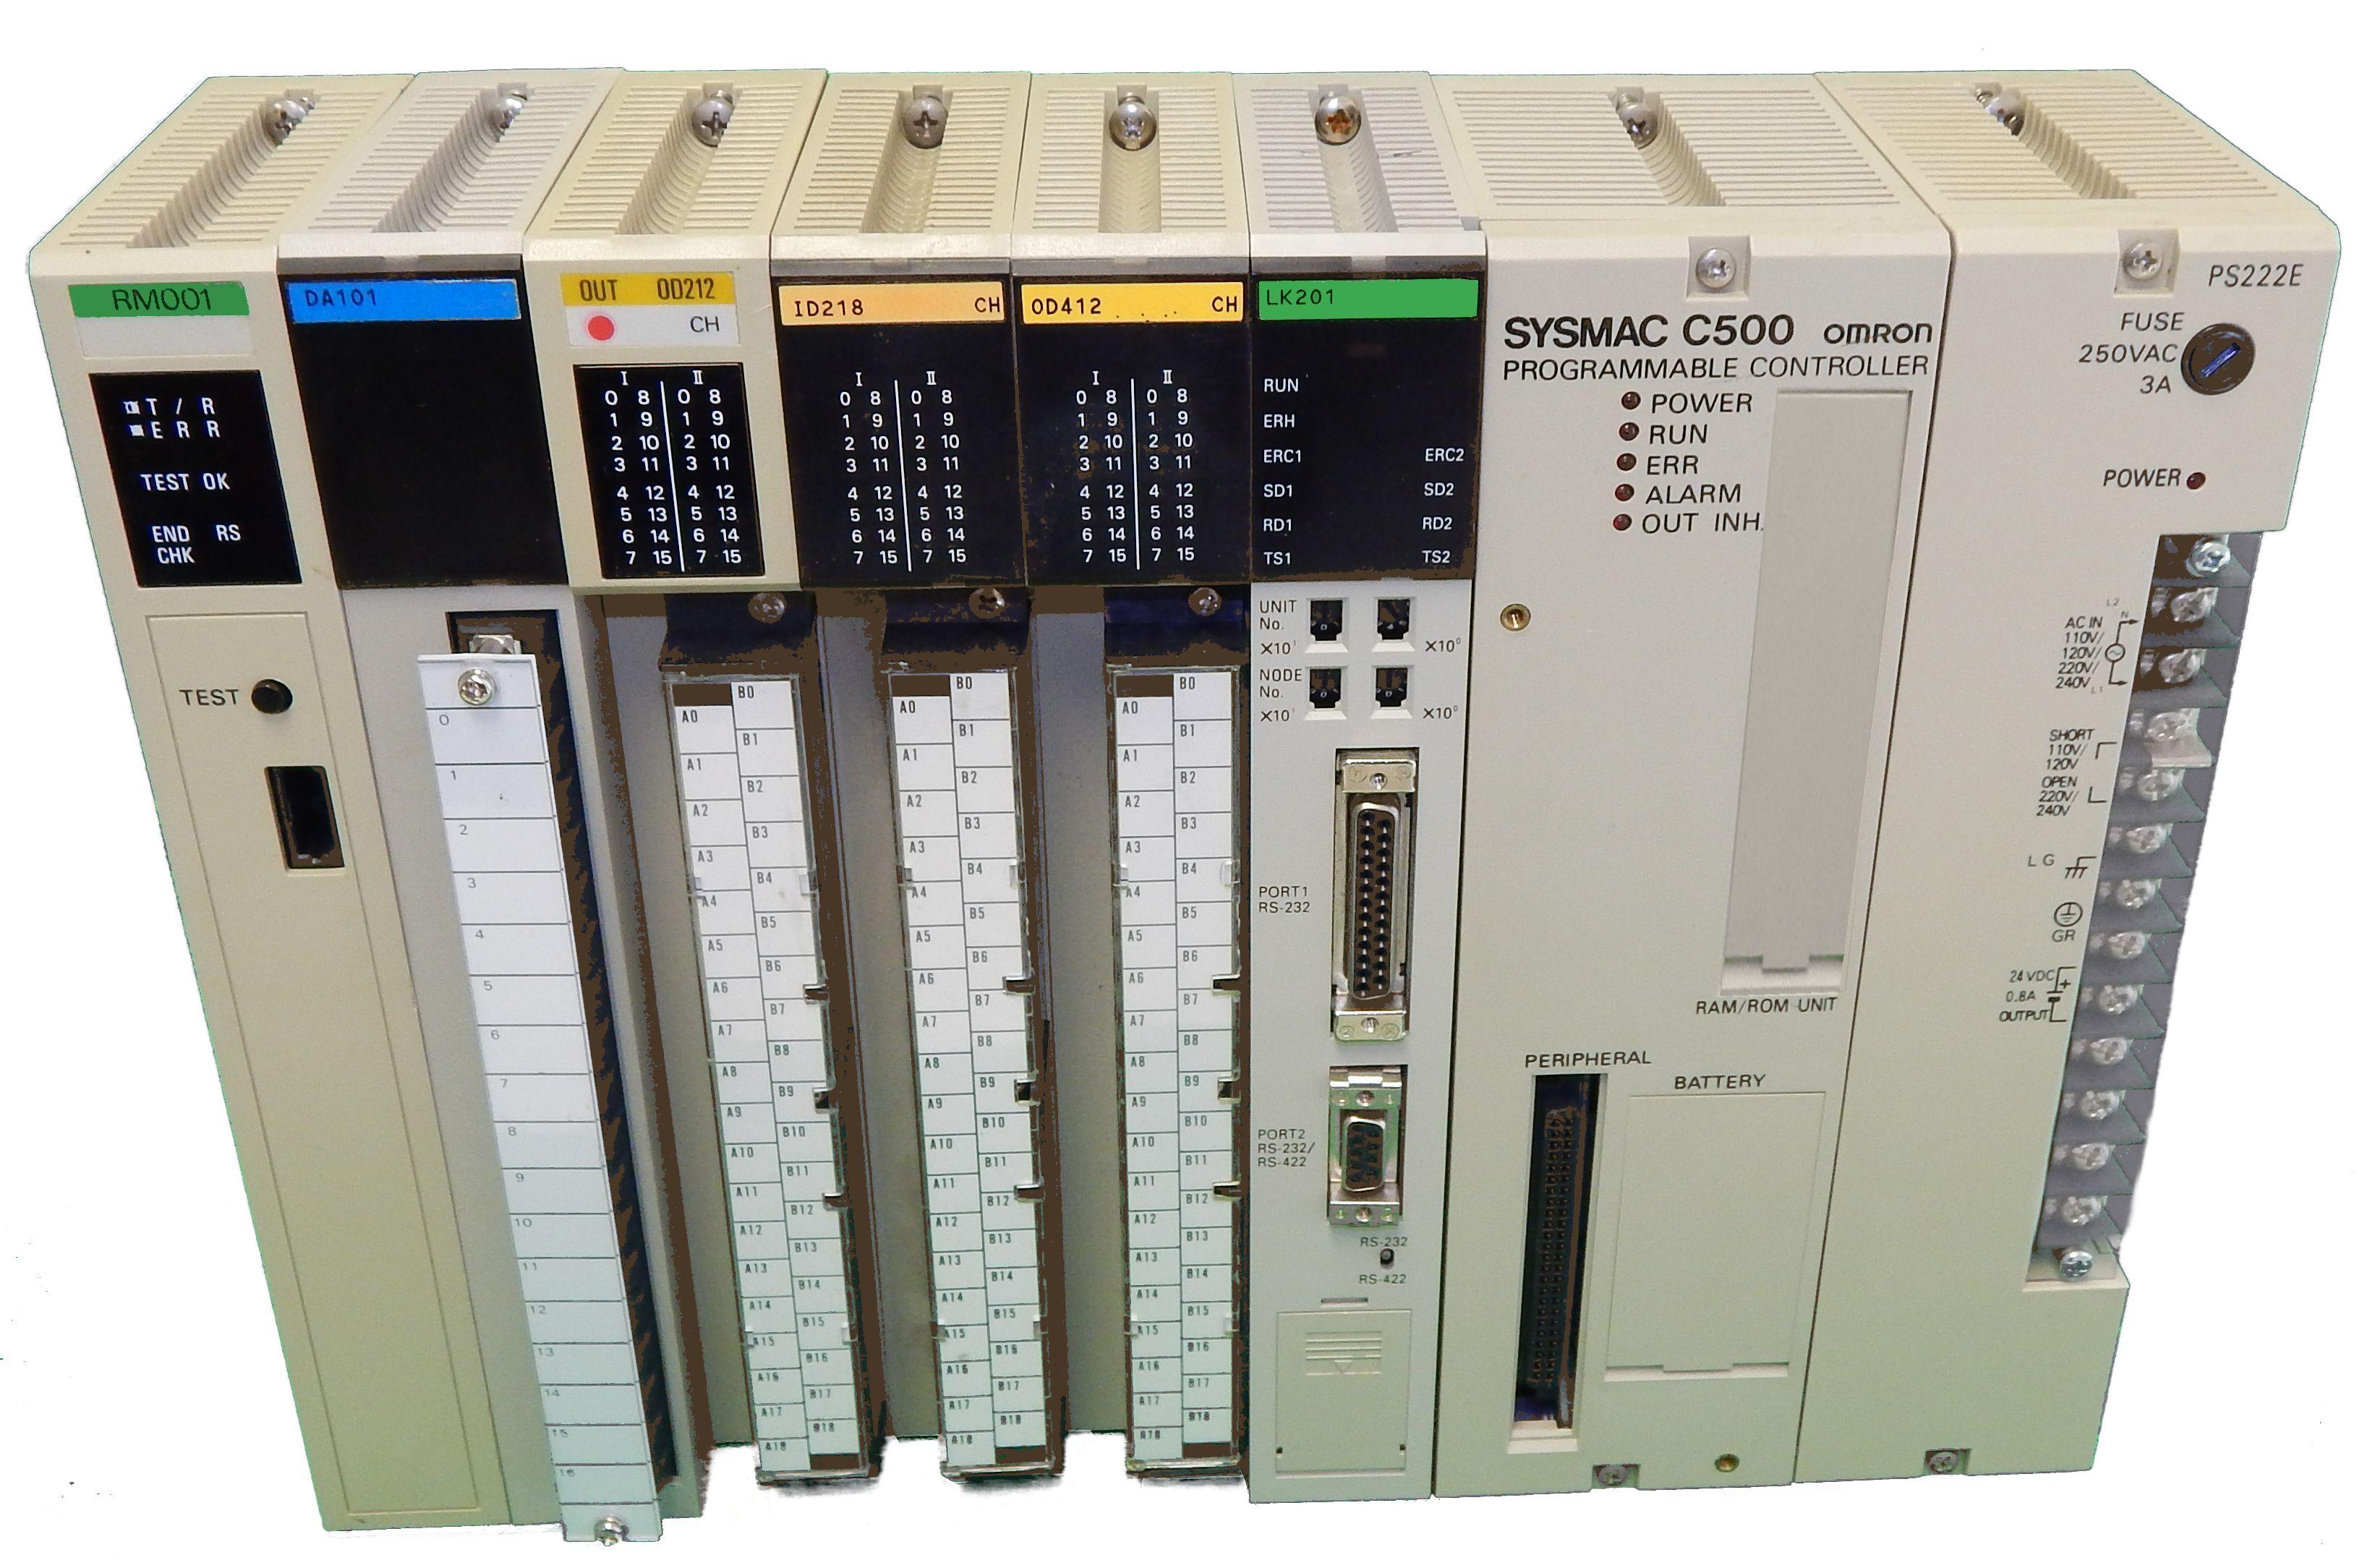 3G2A5-AD005